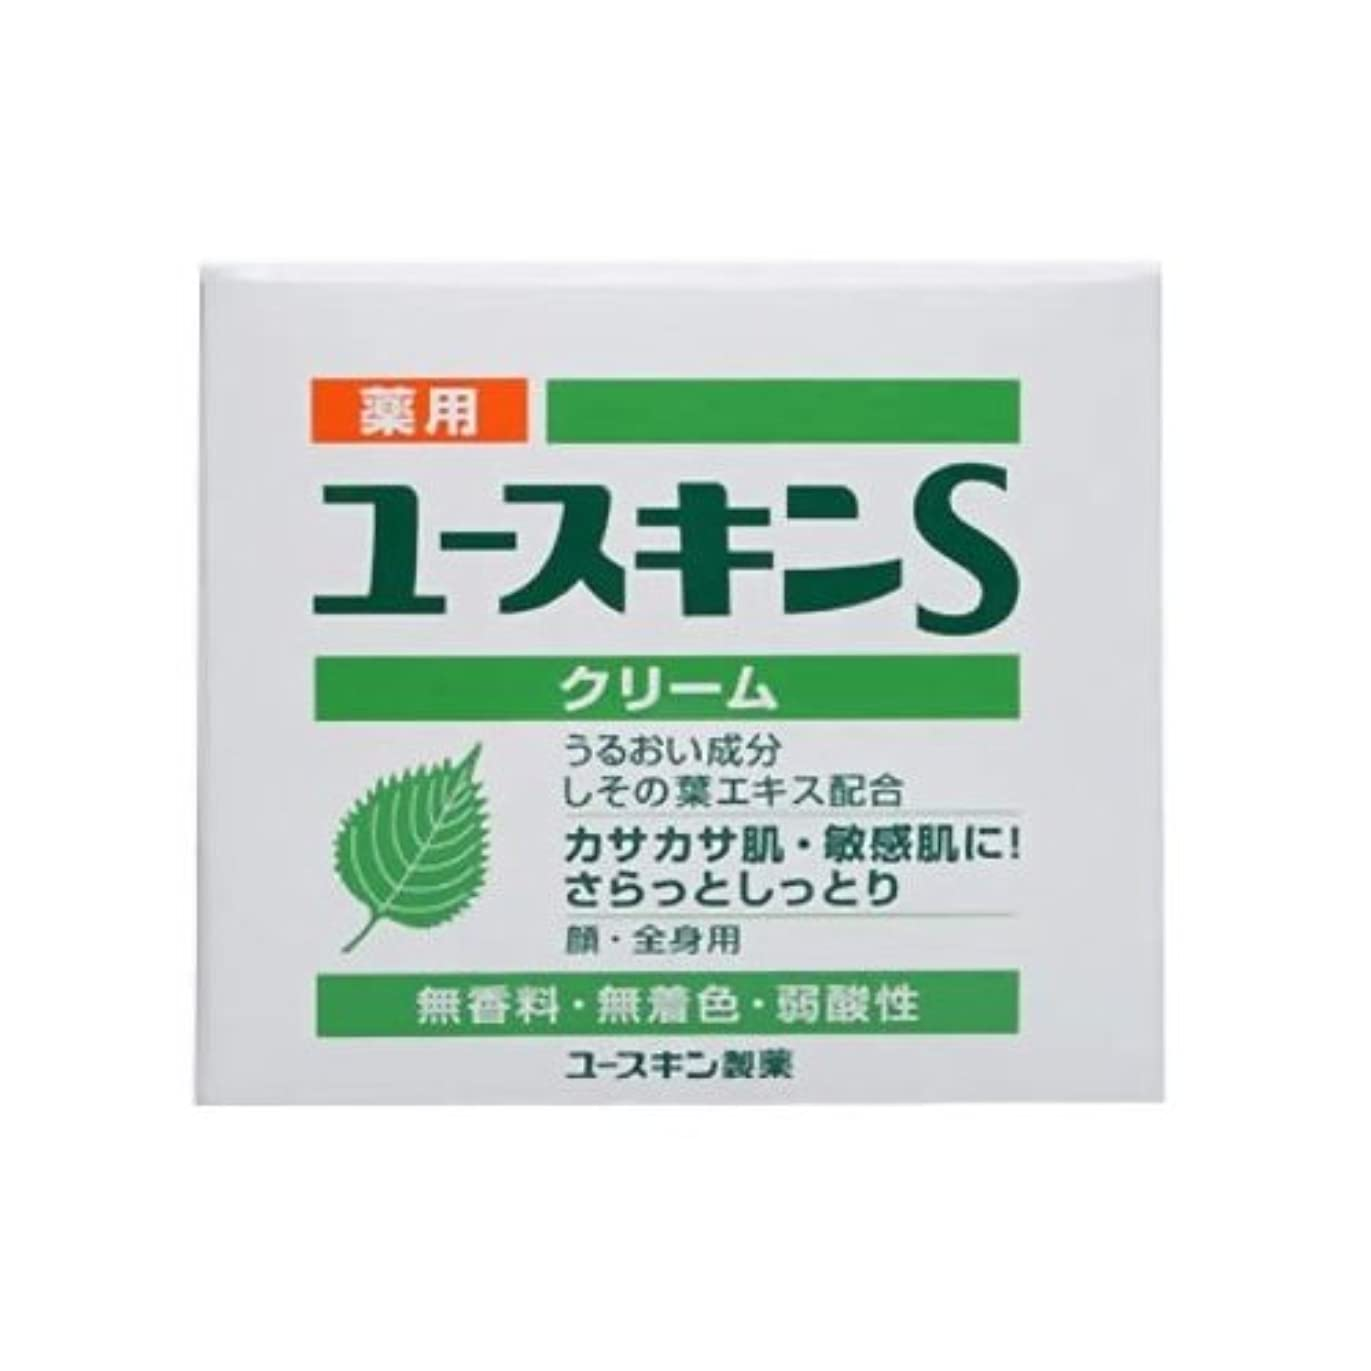 アイデアホールシュリンク薬用ユースキンS クリーム 70g (敏感肌用 保湿クリーム) 【医薬部外品】